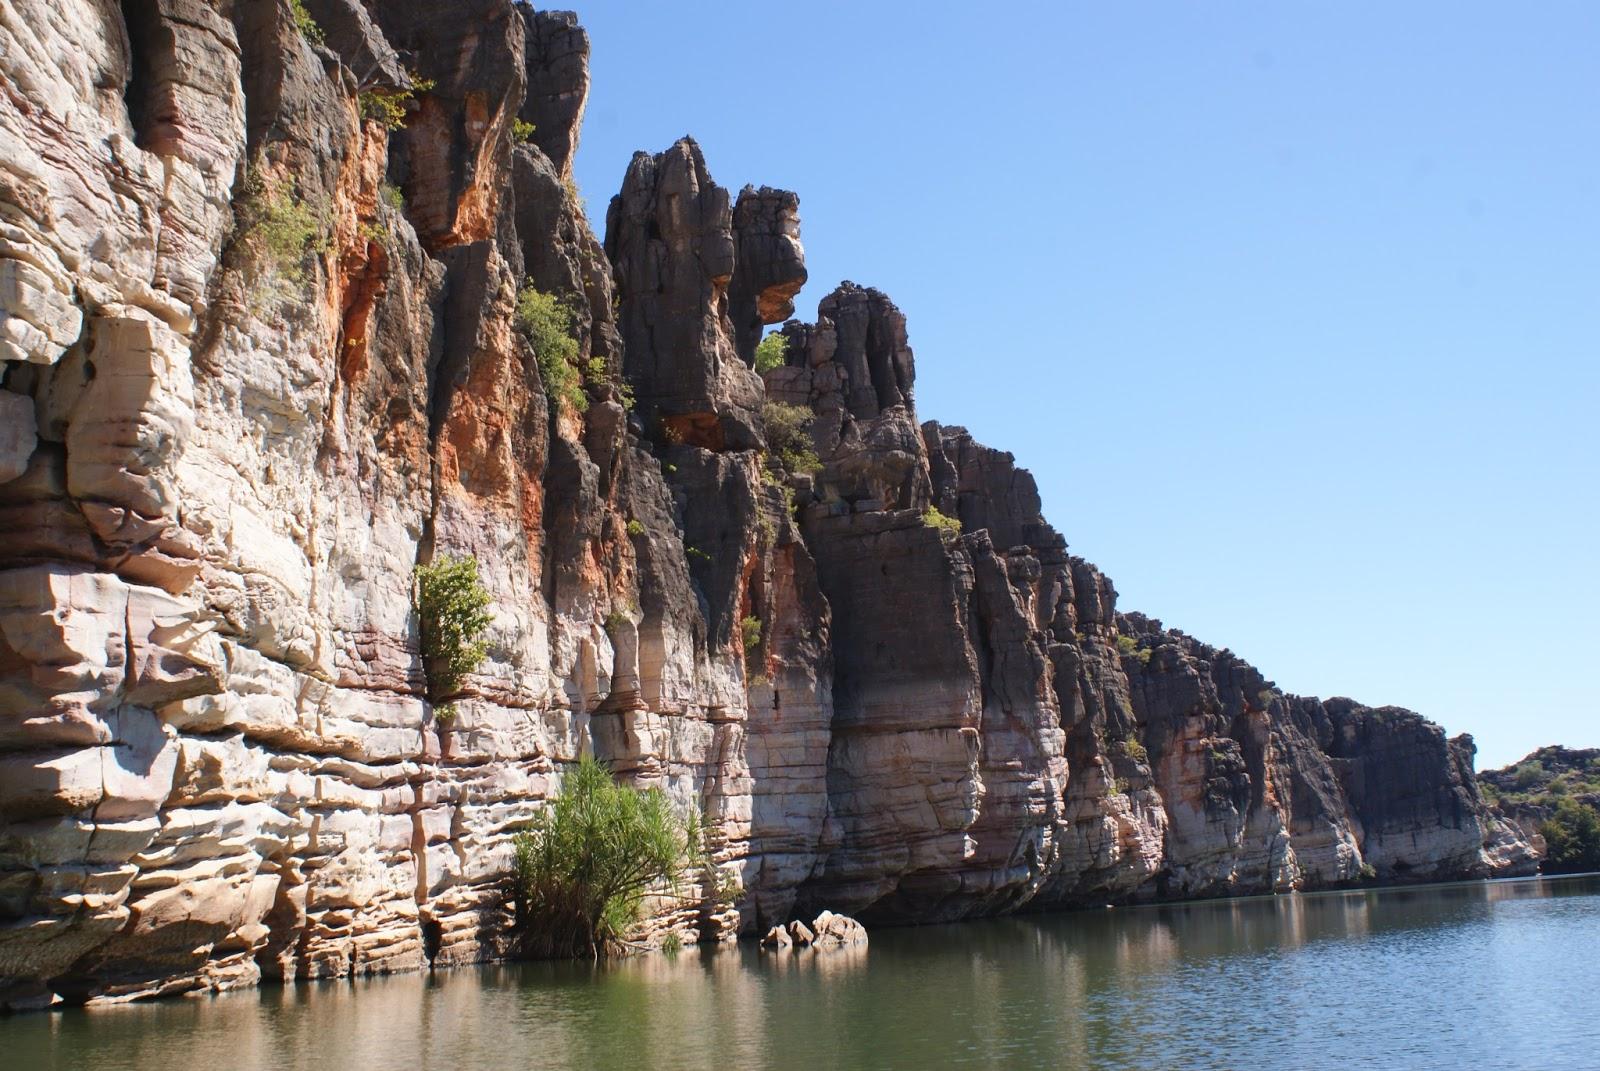 Amelia the explorer: Geikie Gorge, Kimberley region WA